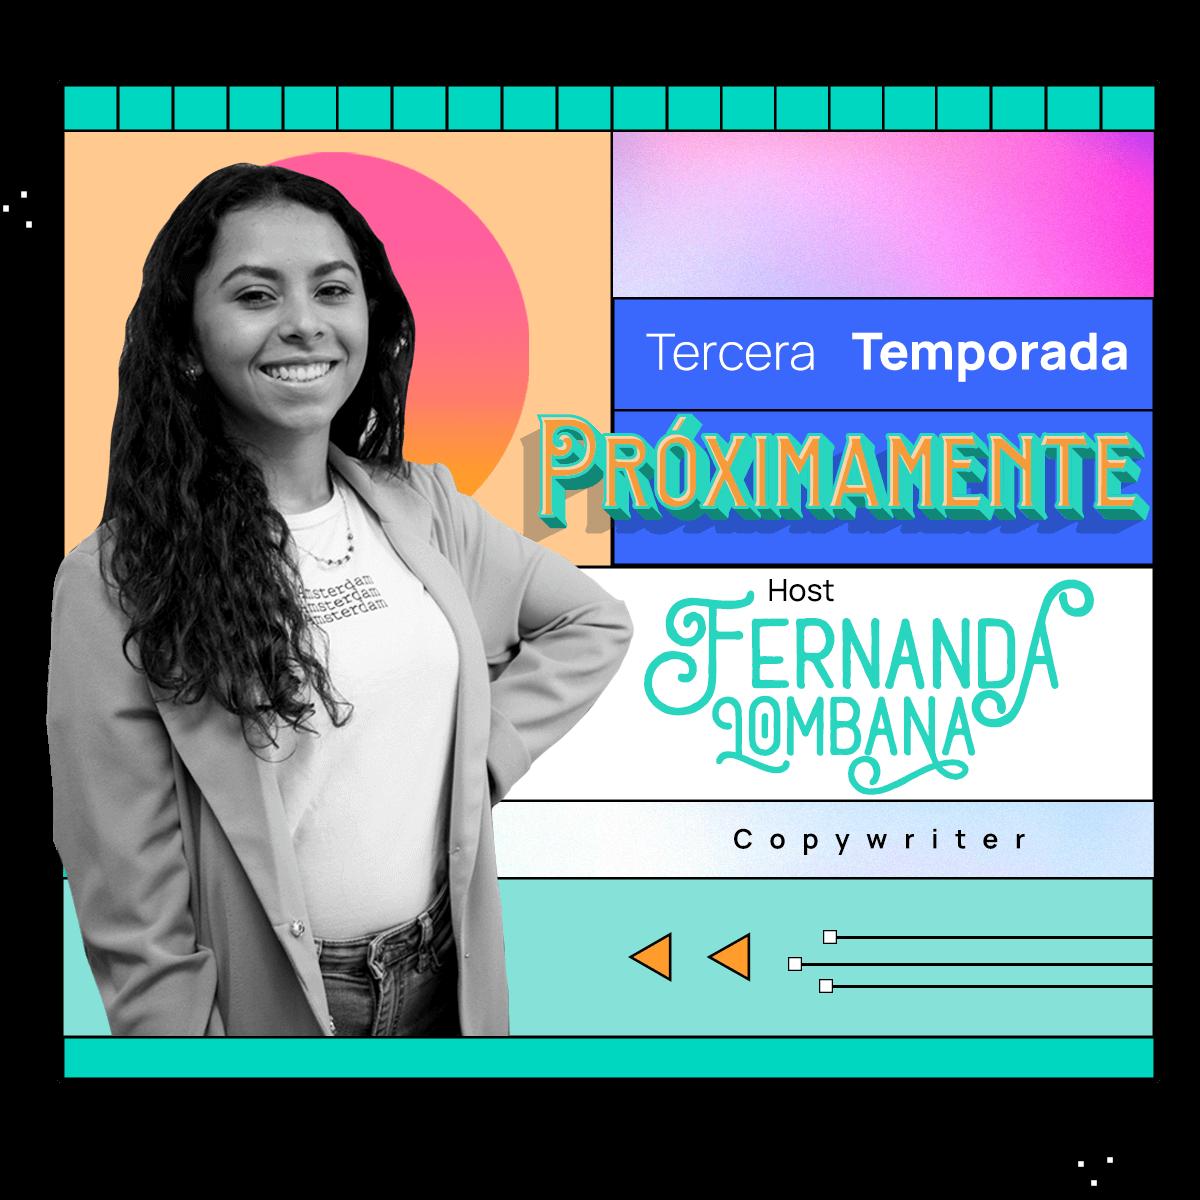 Fernanda Lomabana Host de estilista y empresario